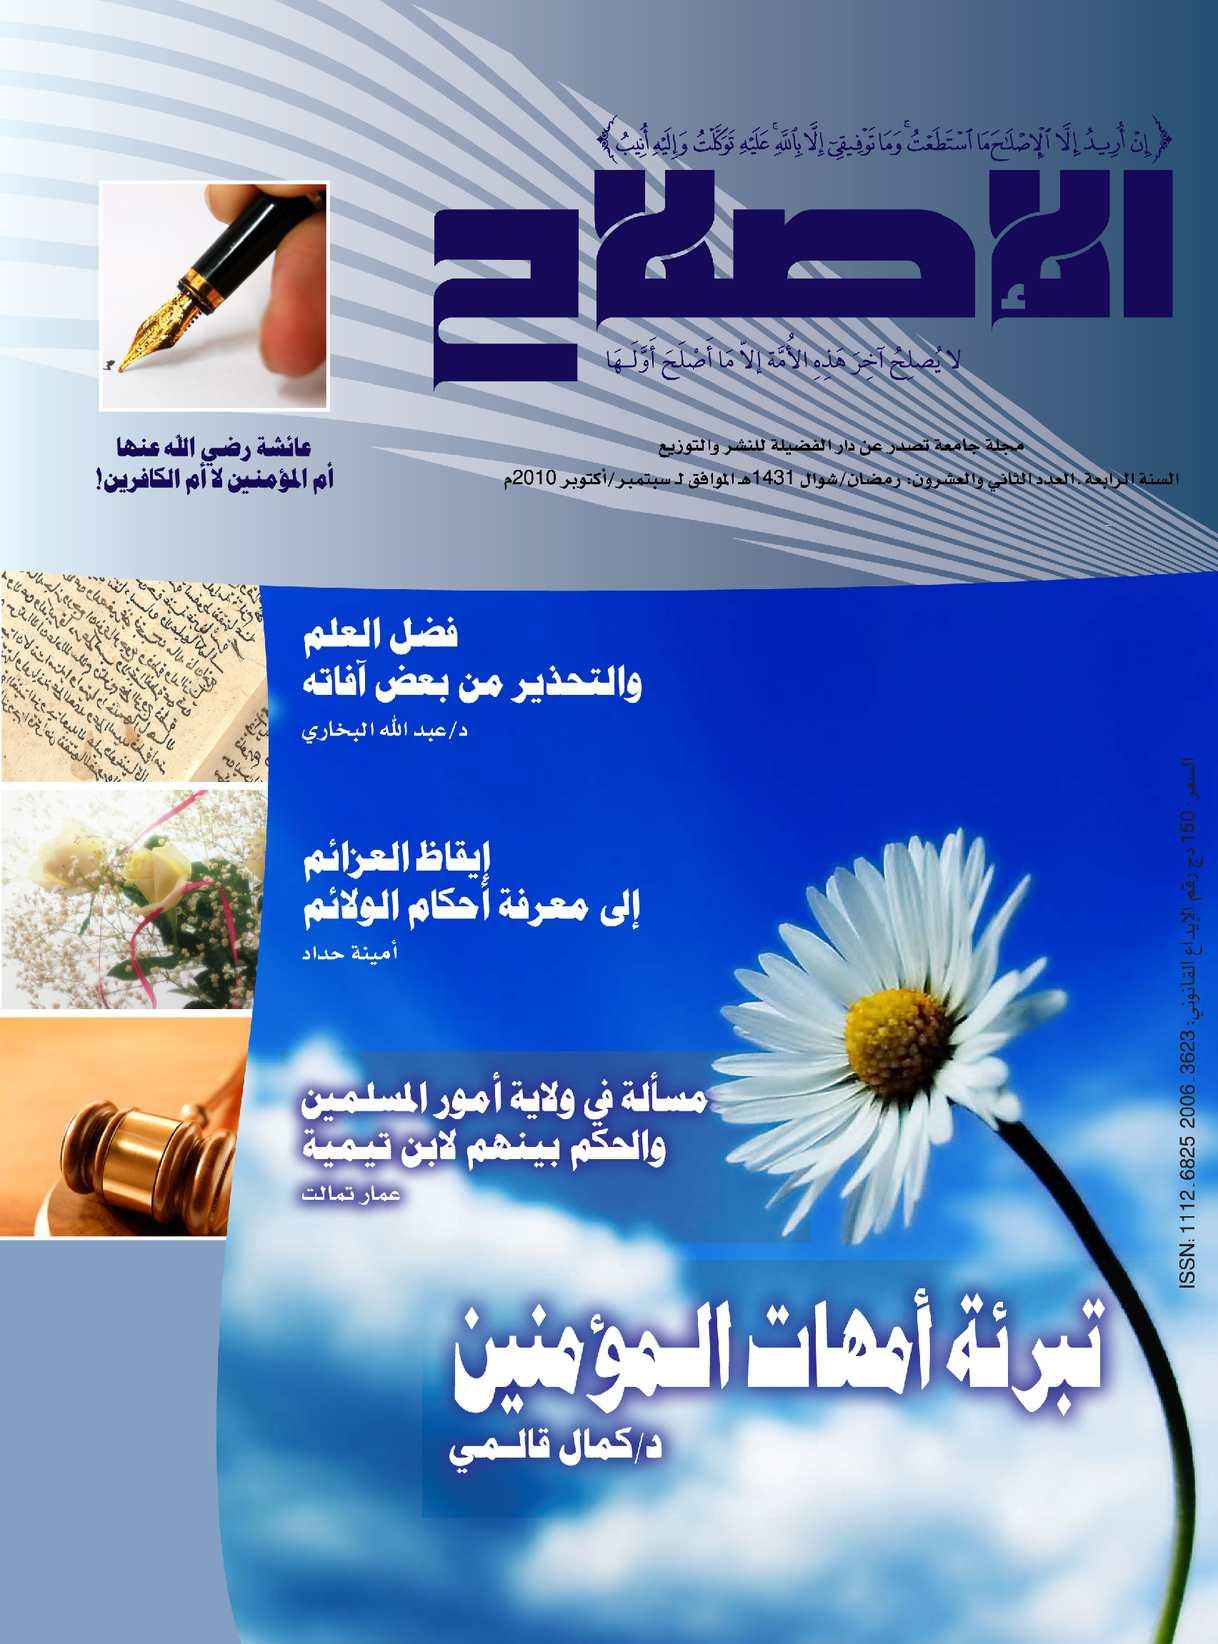 مجلة الاصلاح-العدد 22-